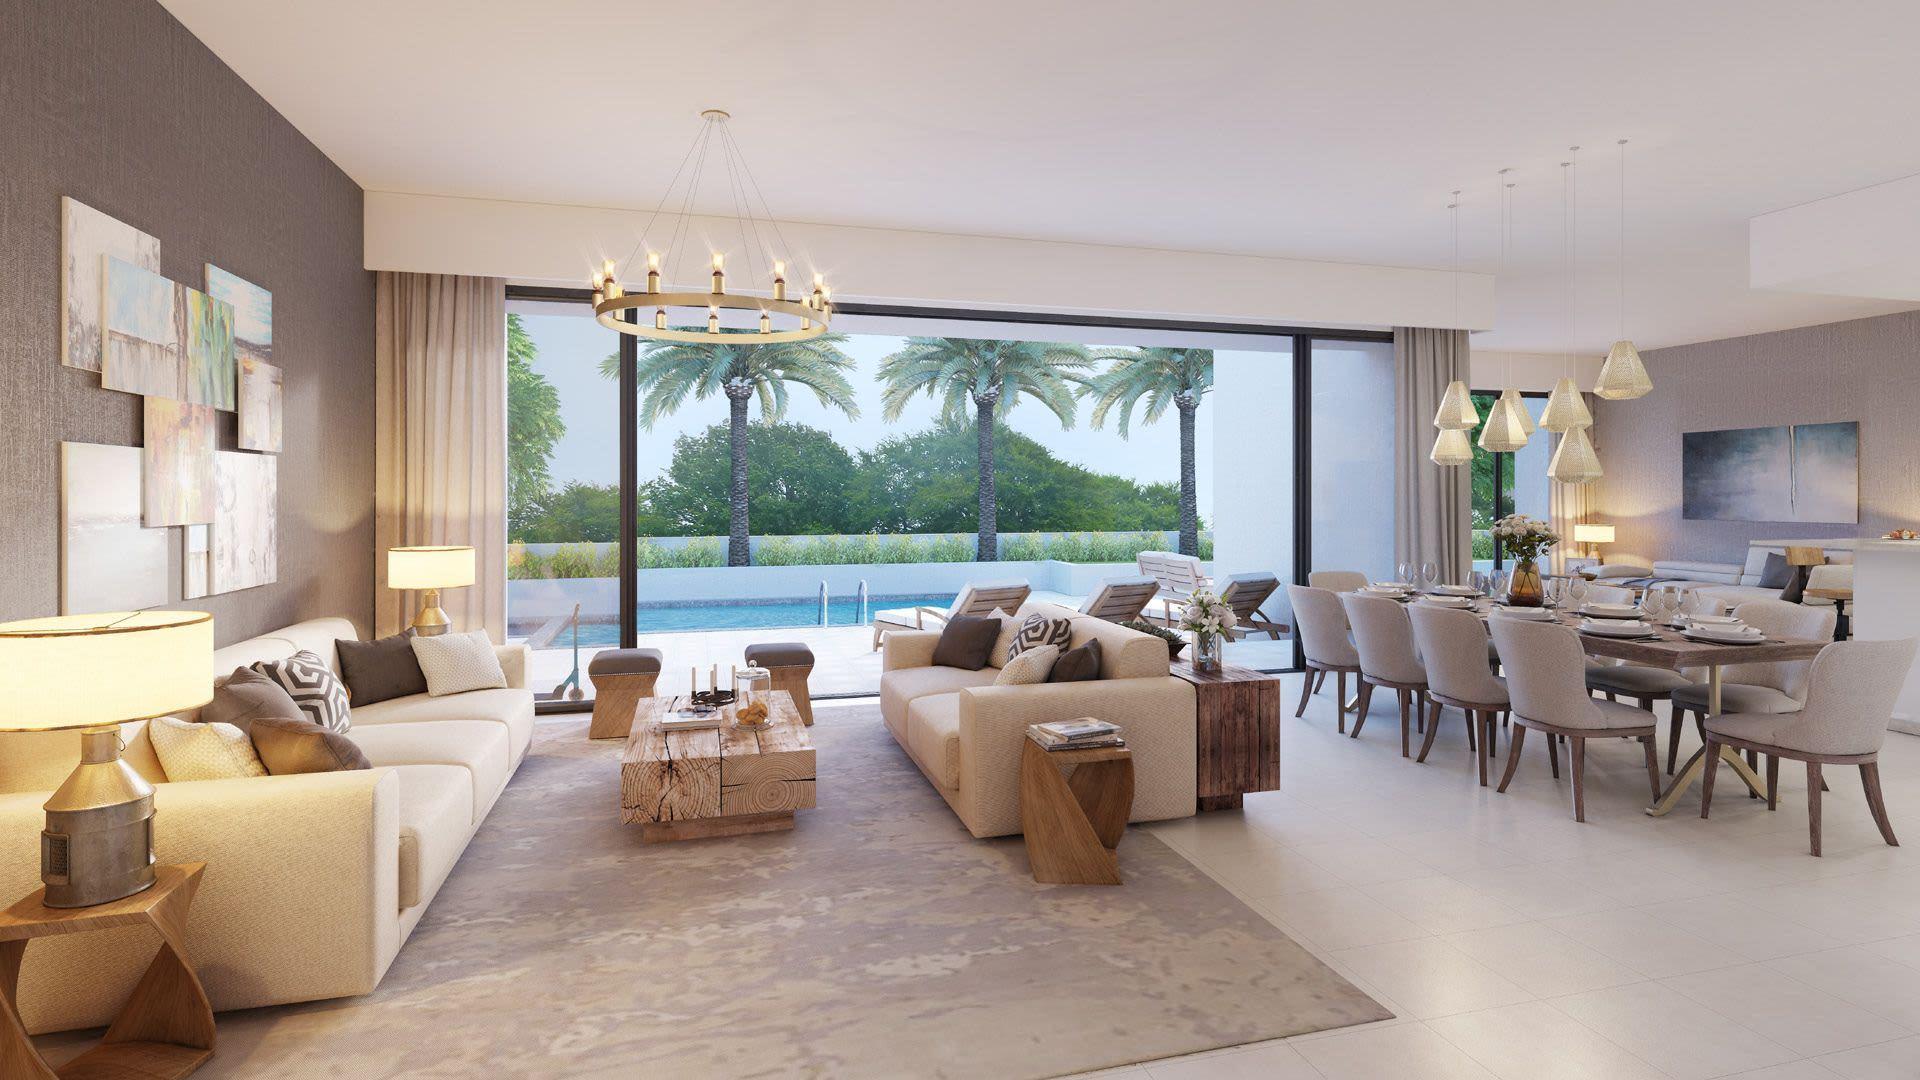 Villa en venta en Dubai, EAU, 5 dormitorios, 540 m2, № 24096 – foto 1